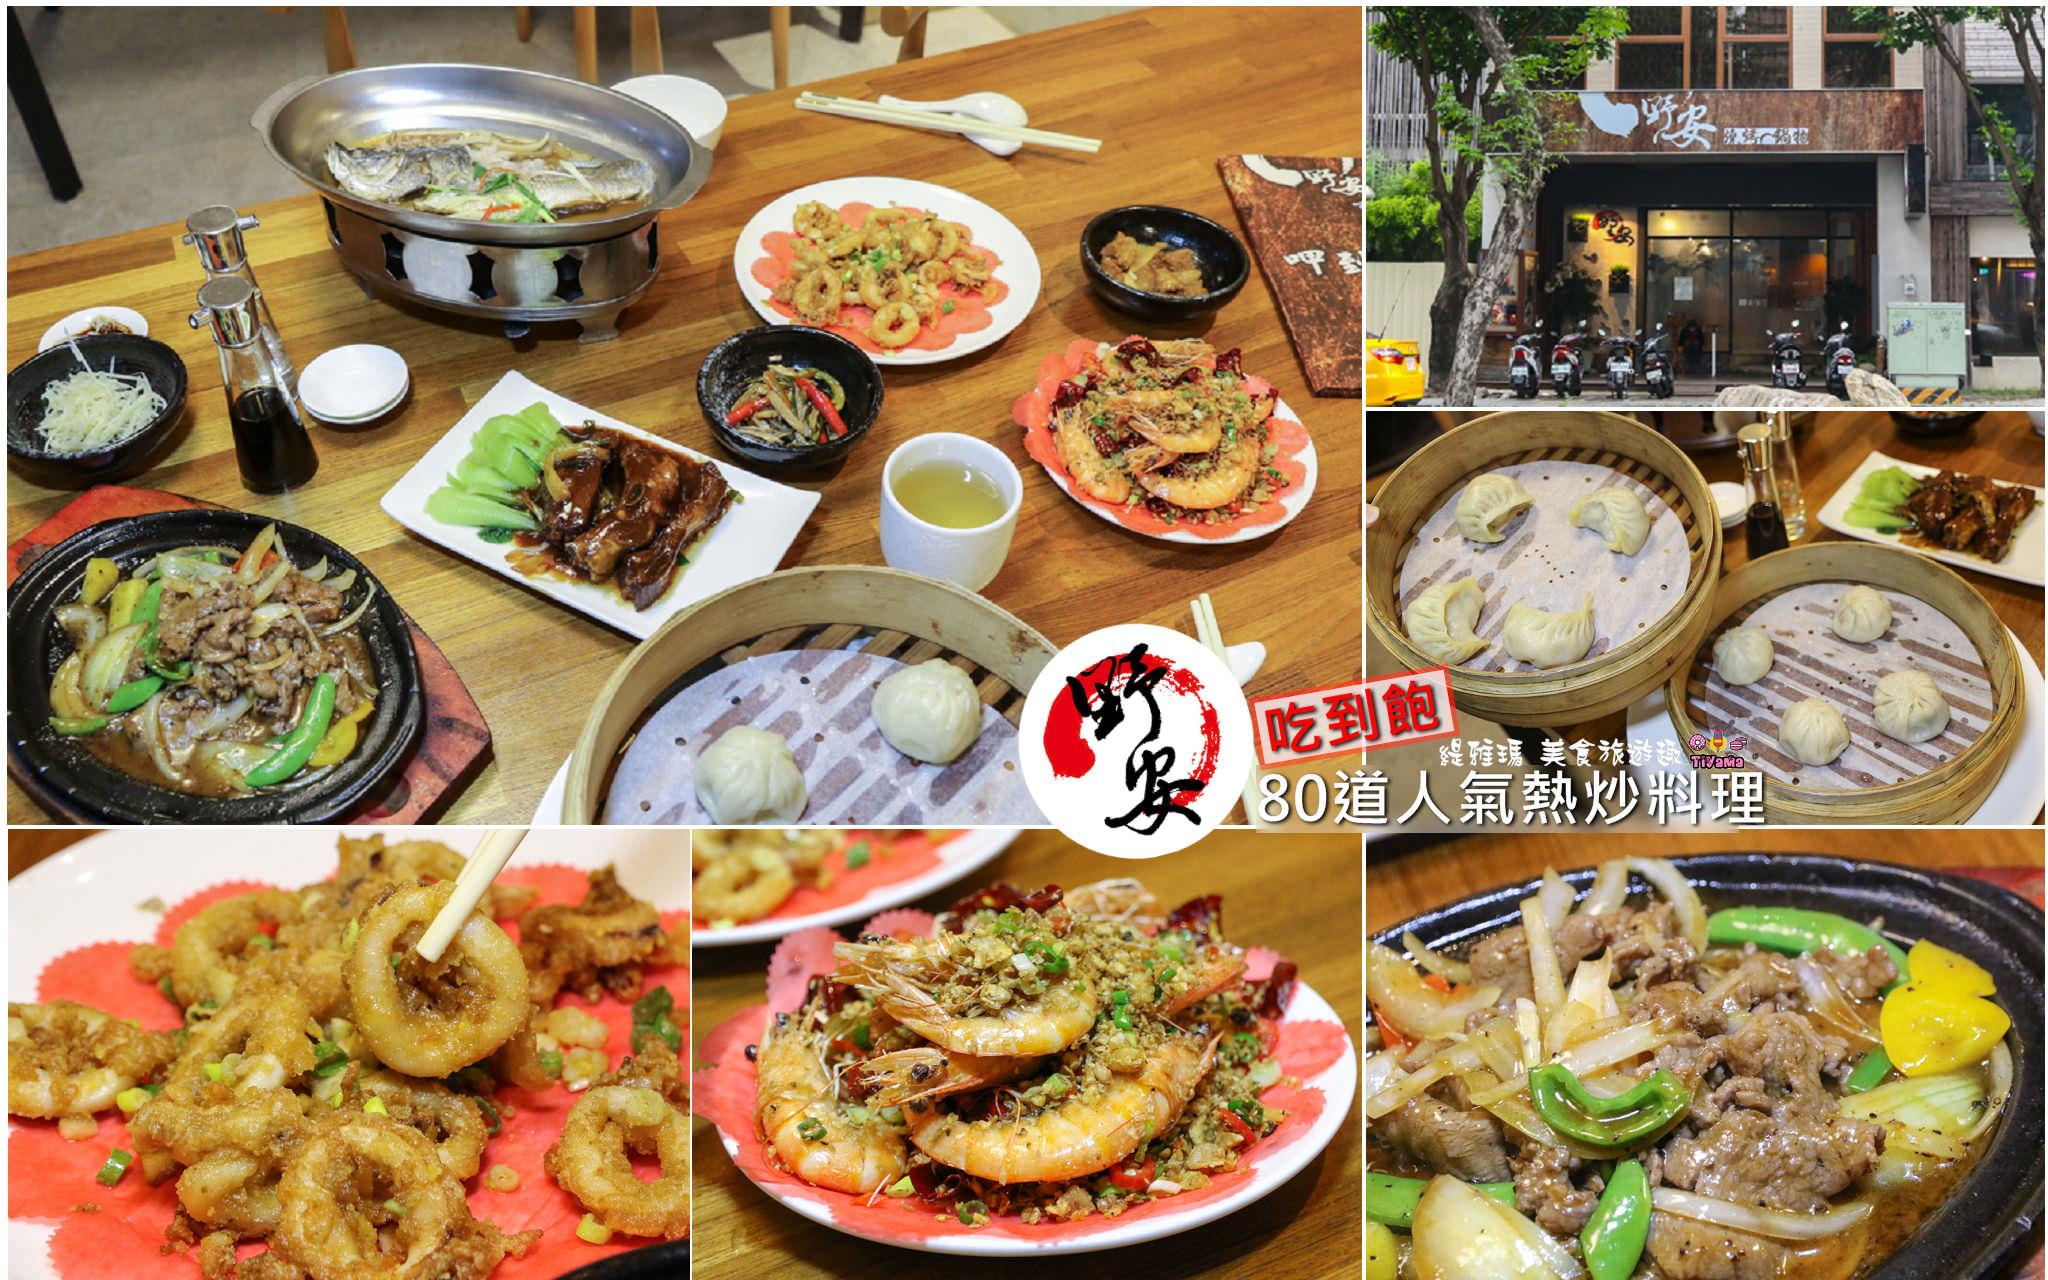 台中熱炒吃到飽|野安食堂:80道中式熱炒.上海菜.上海點心呷到飽|1F野安燒烤鍋物 @緹雅瑪 美食旅遊趣